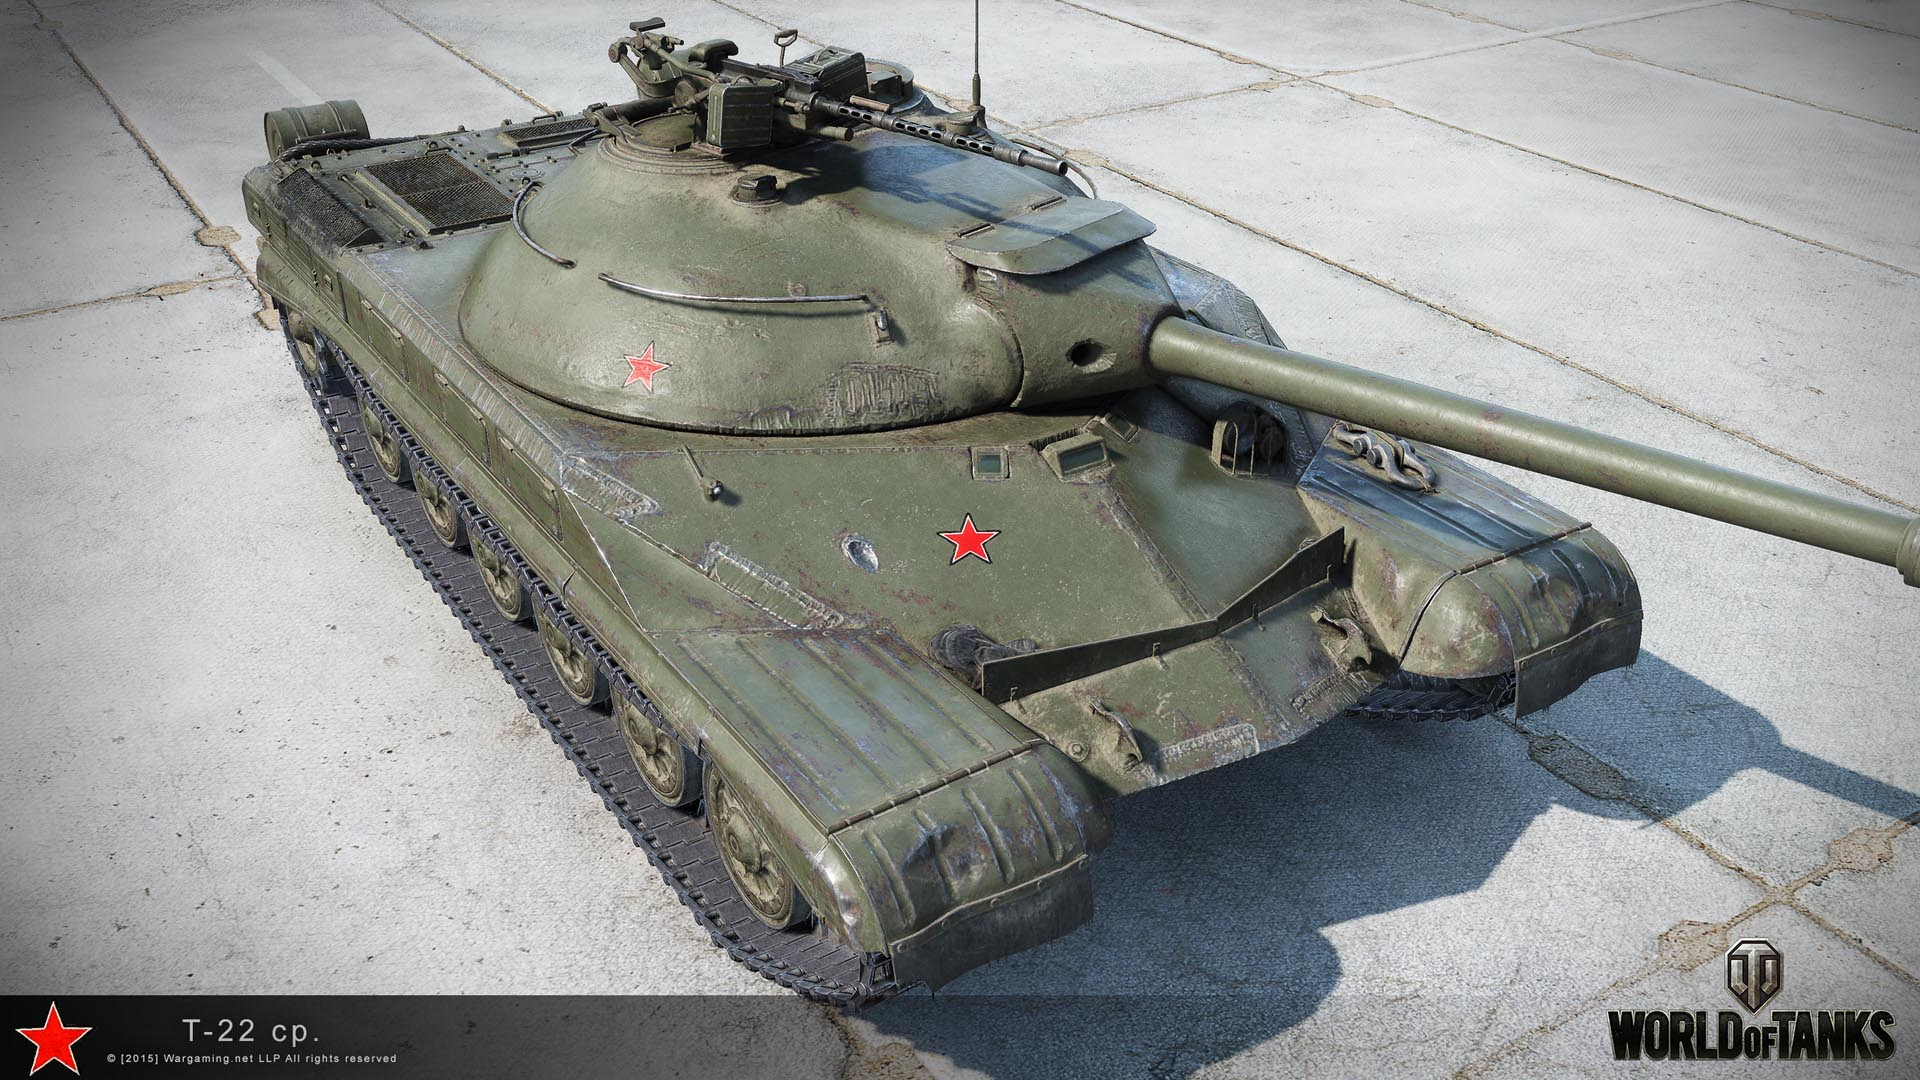 World of tanks t-50 matchmaking, beautifulnudesexywomens